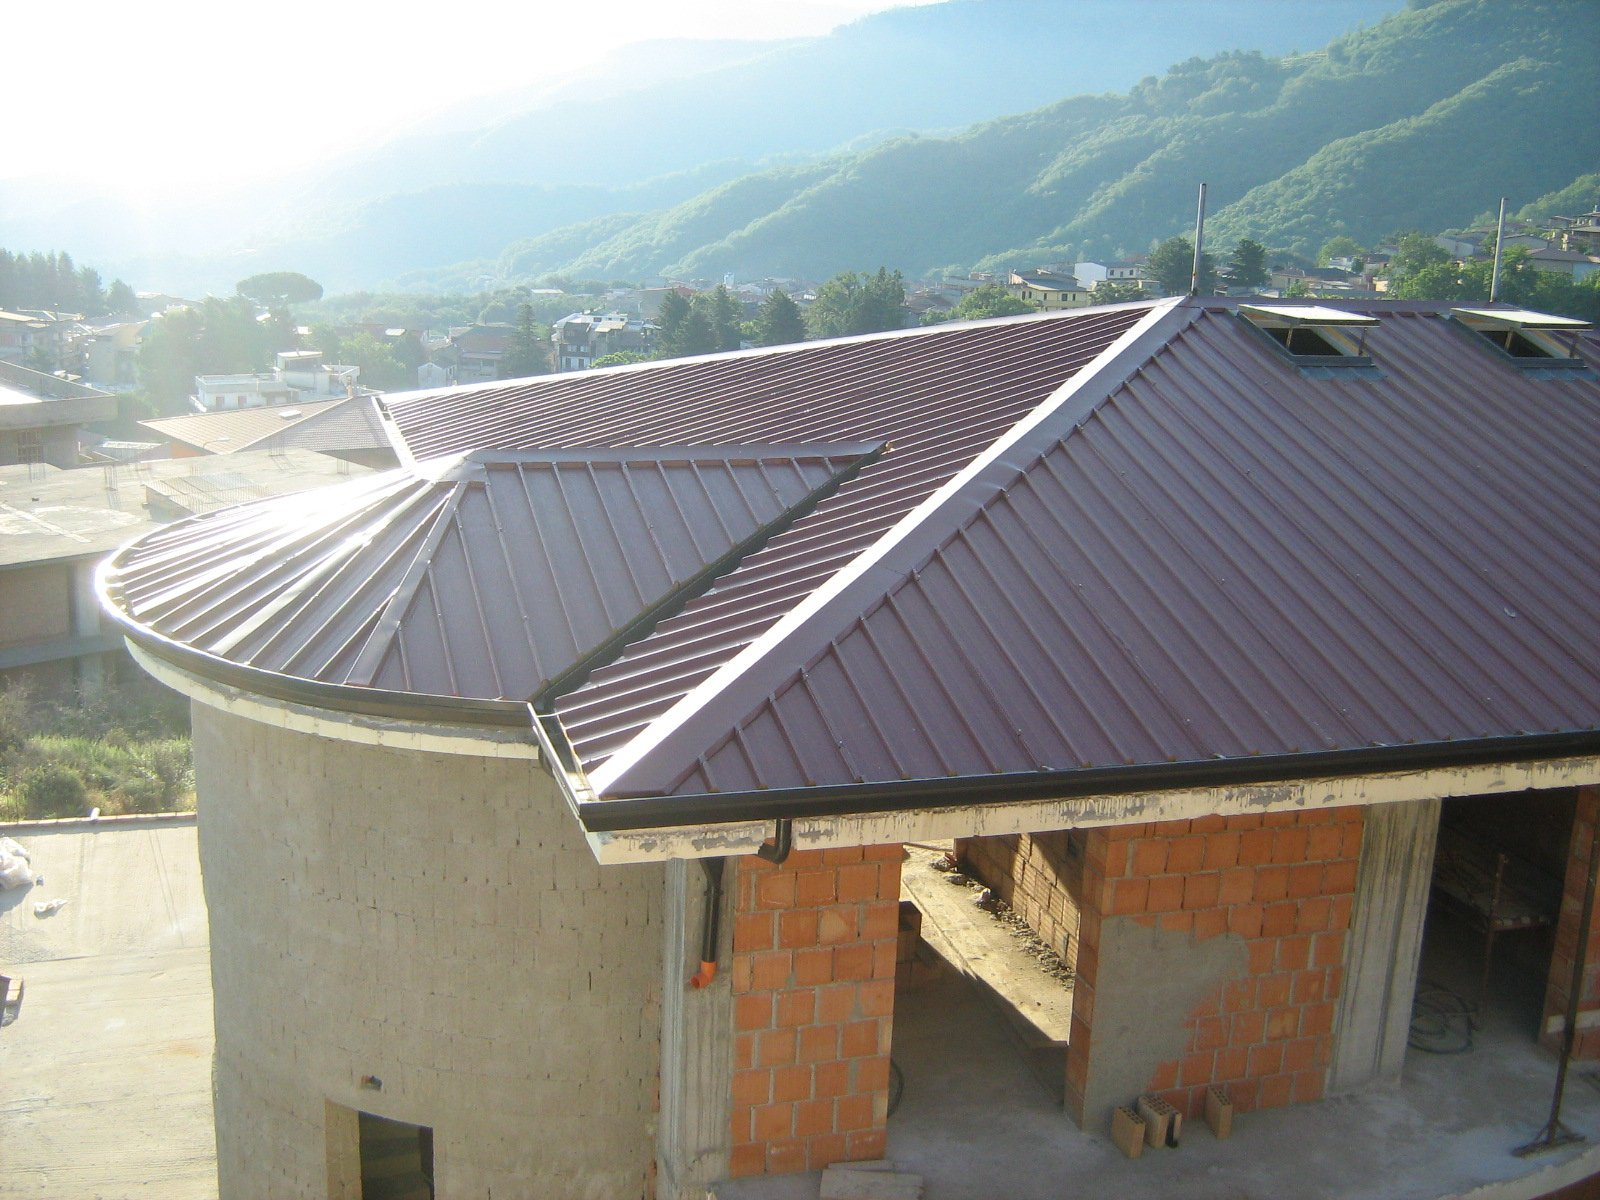 edificio in ristrutturazione con due lucernari sul tetto